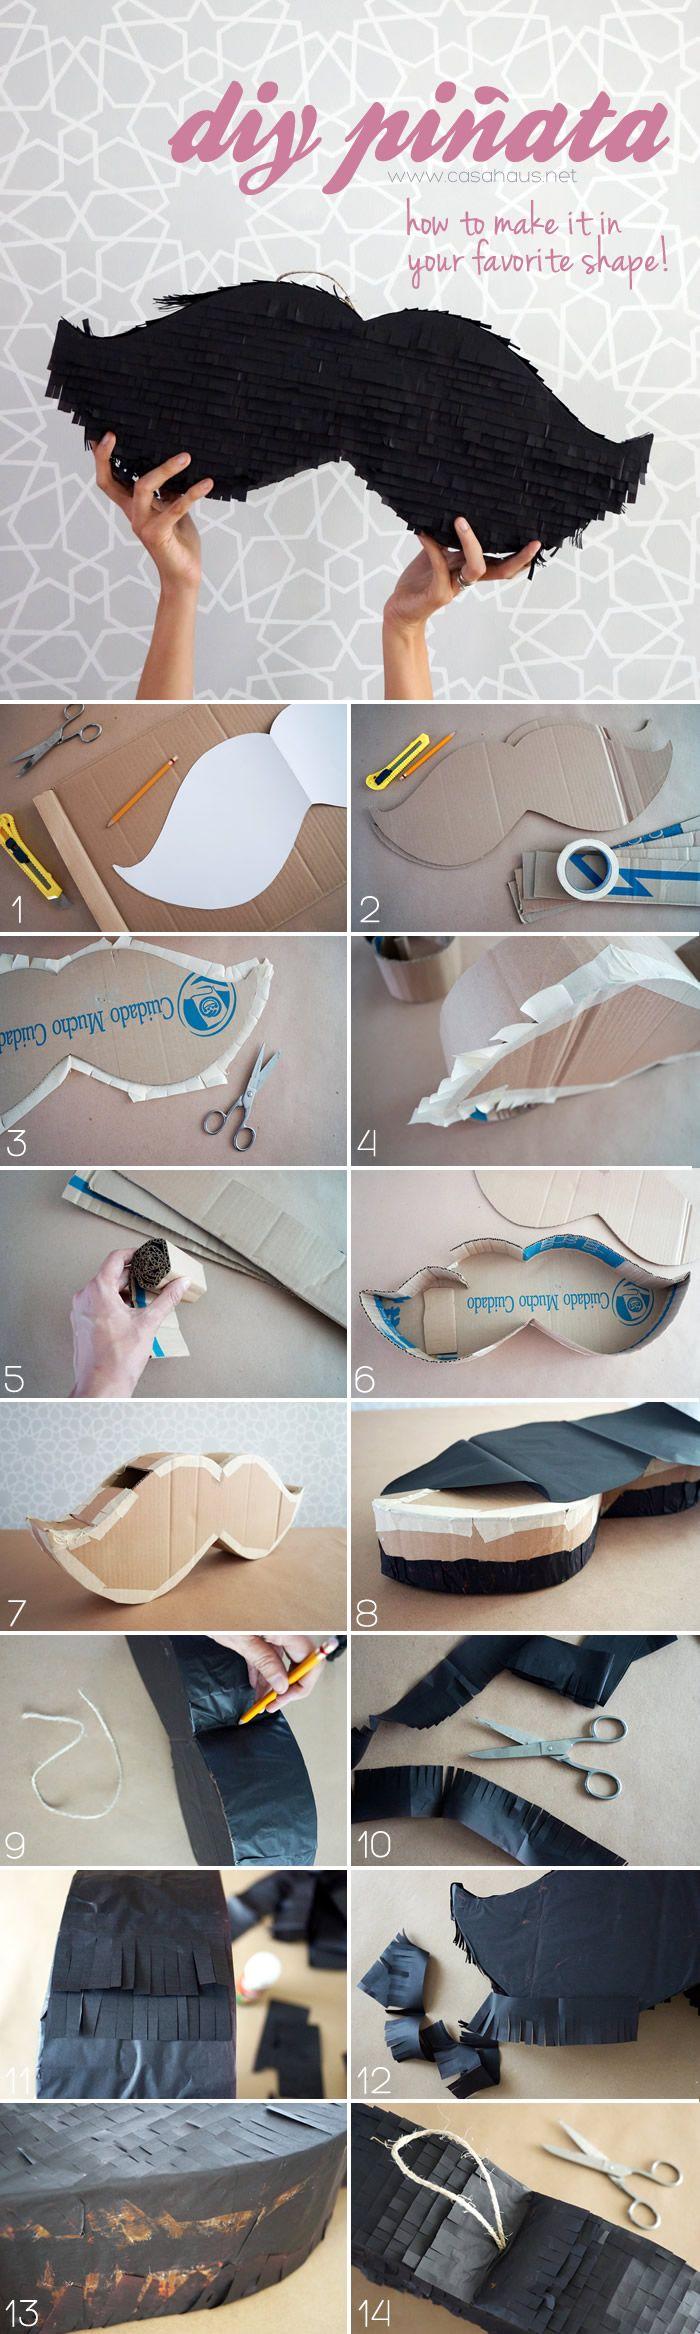 DIY piñata: How to make a piñata in any shape you want / Cómo hacer una piñata paso a paso y de la forma que quieras - Casa Haus Decoracion